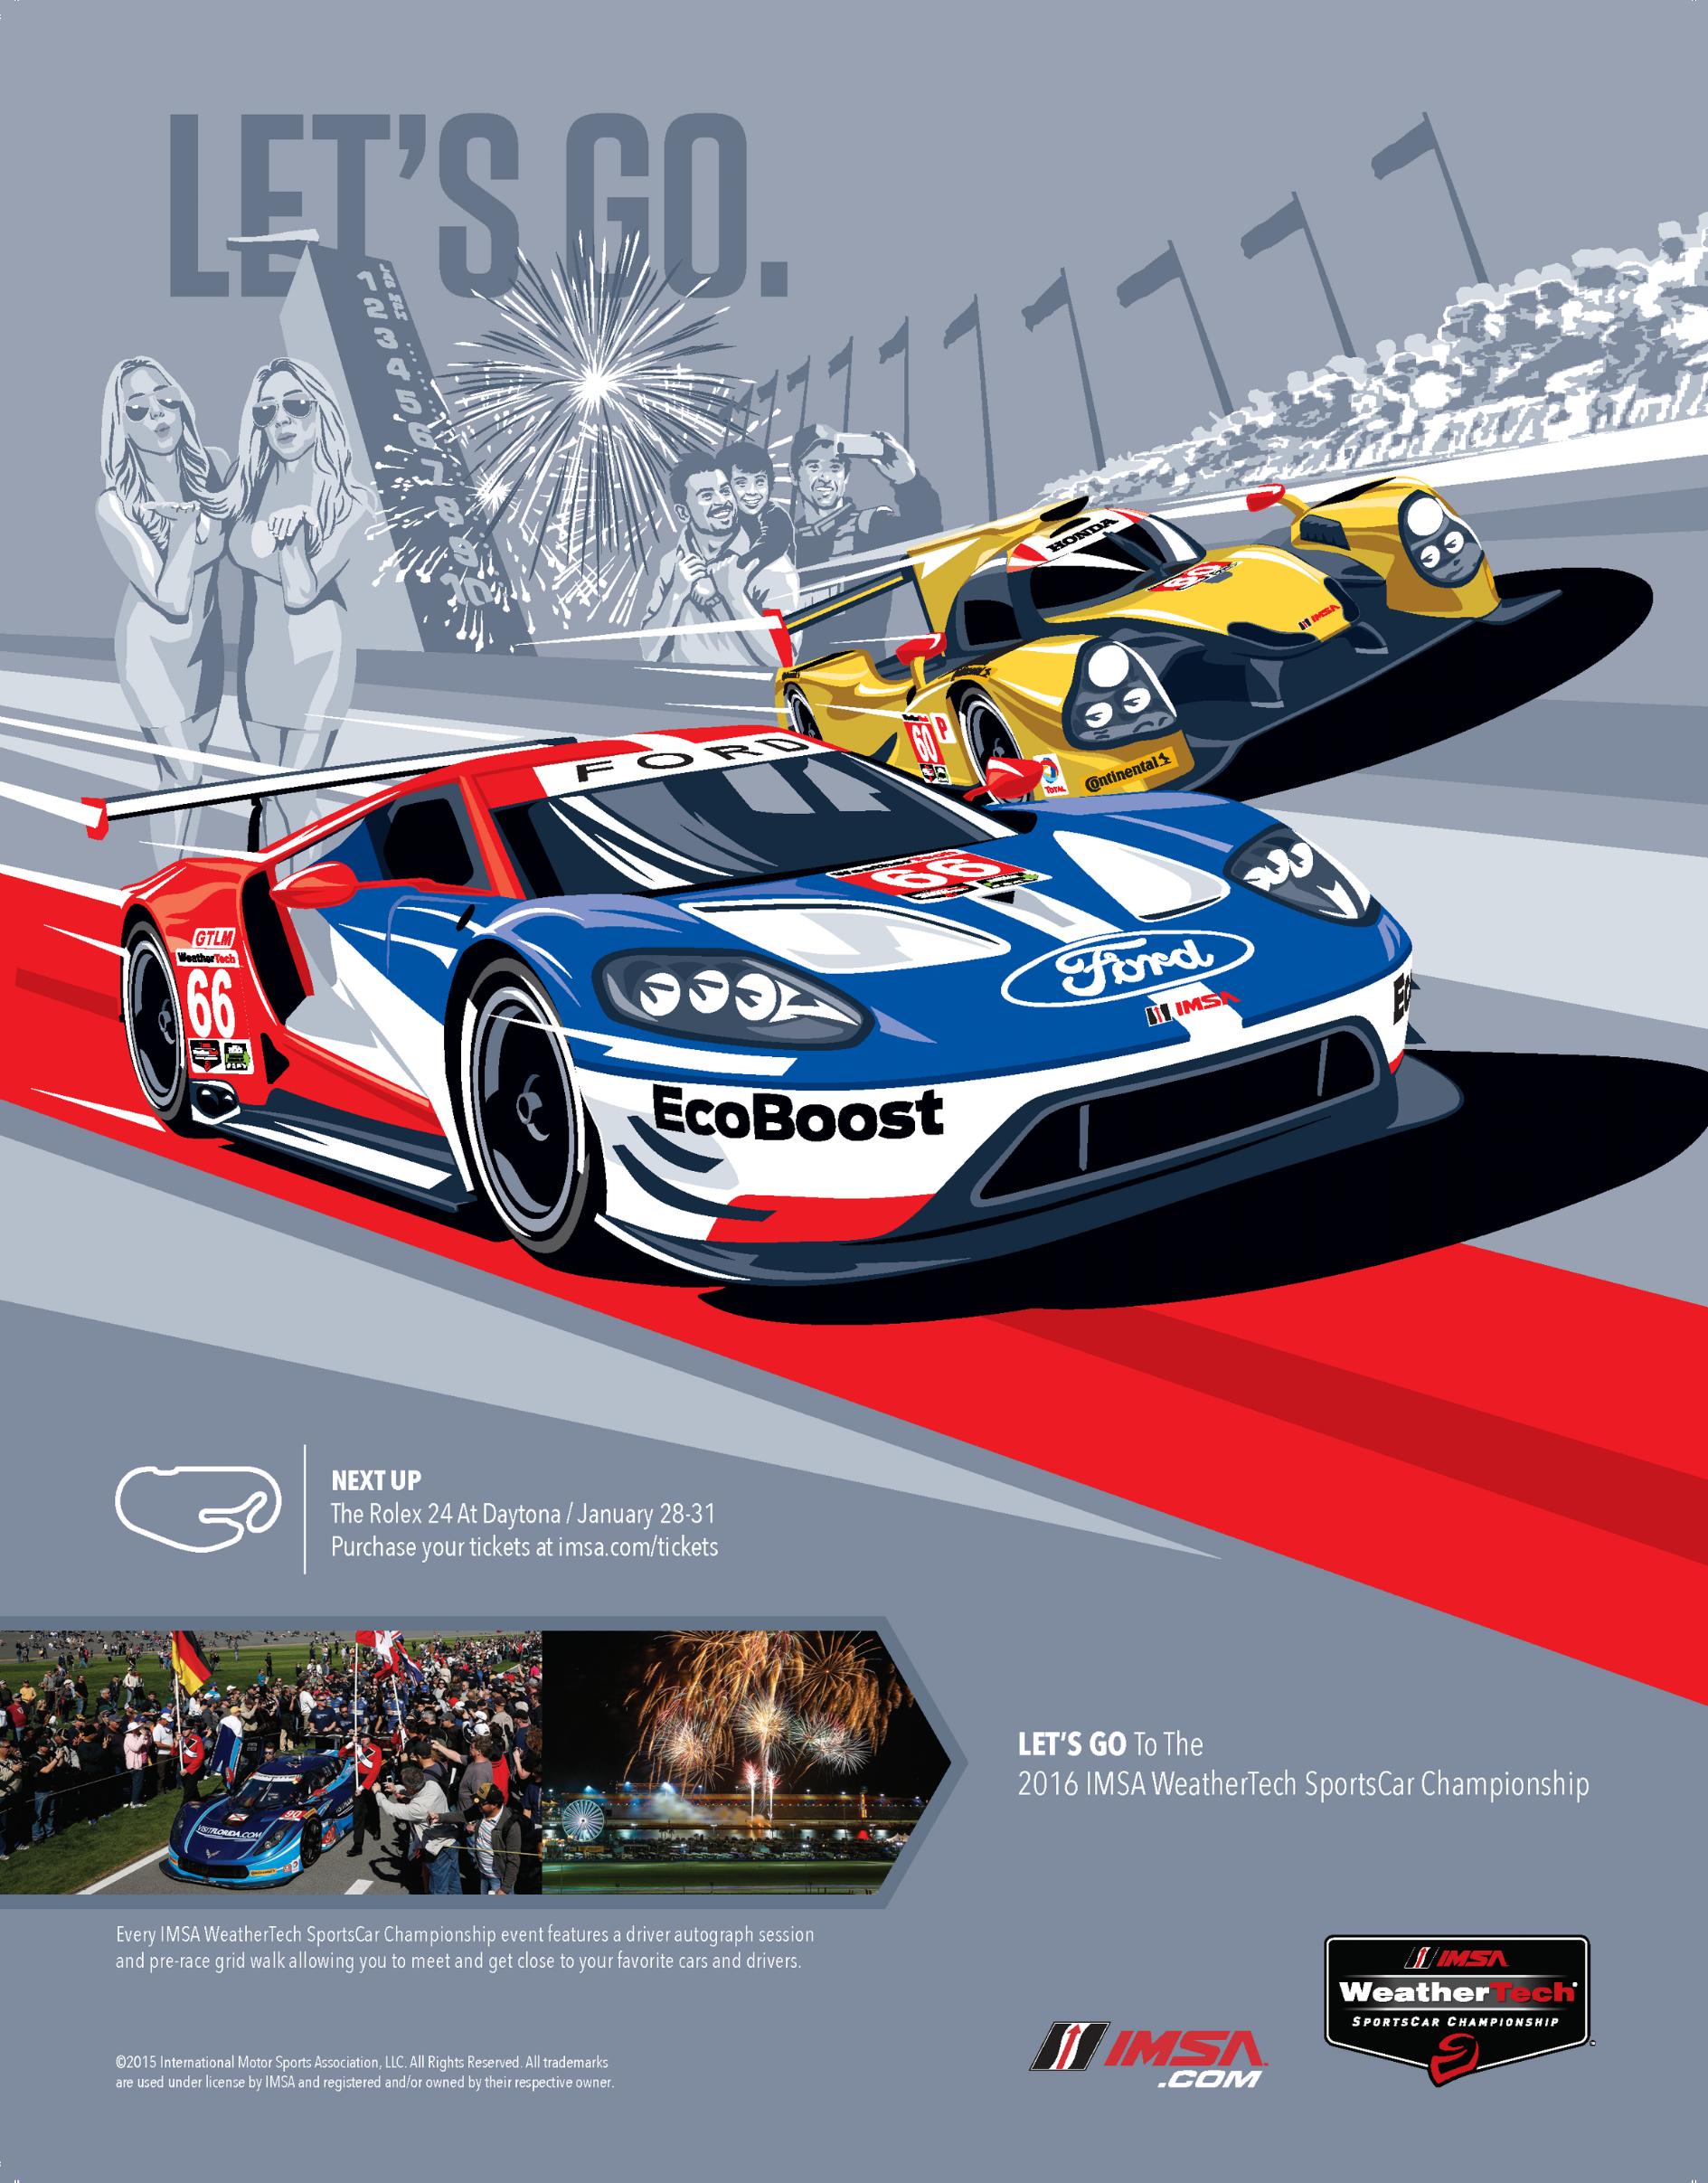 imsa_lets-go_daytona_racer_r2.png